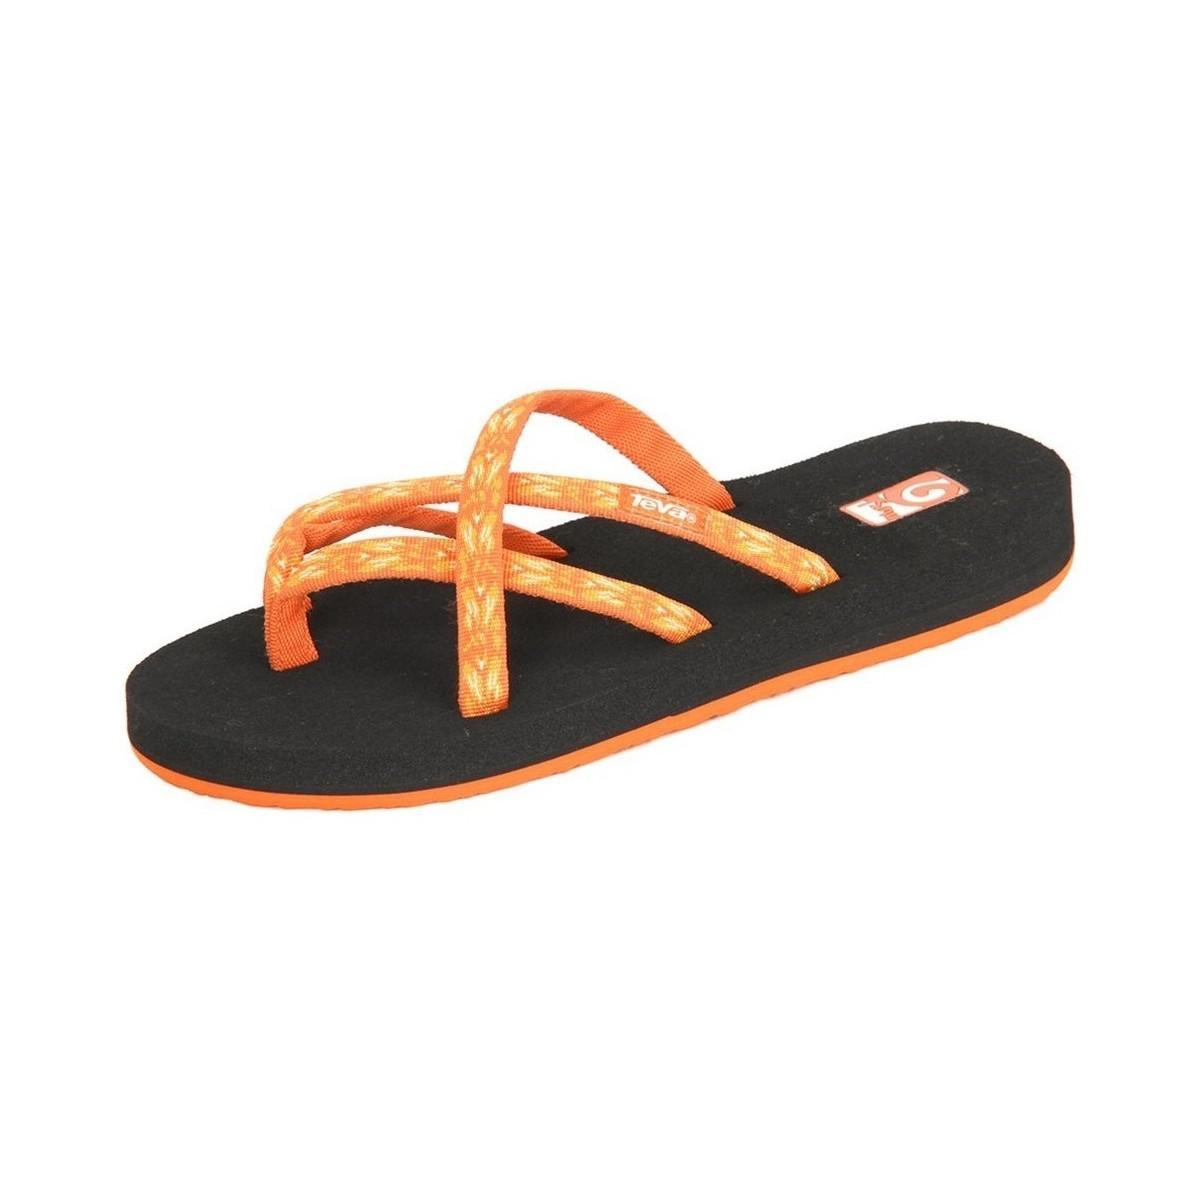 ecab60a65127ed Teva Olowahu Ws Hazel Orange Women s Flip Flops   Sandals (shoes) In ...